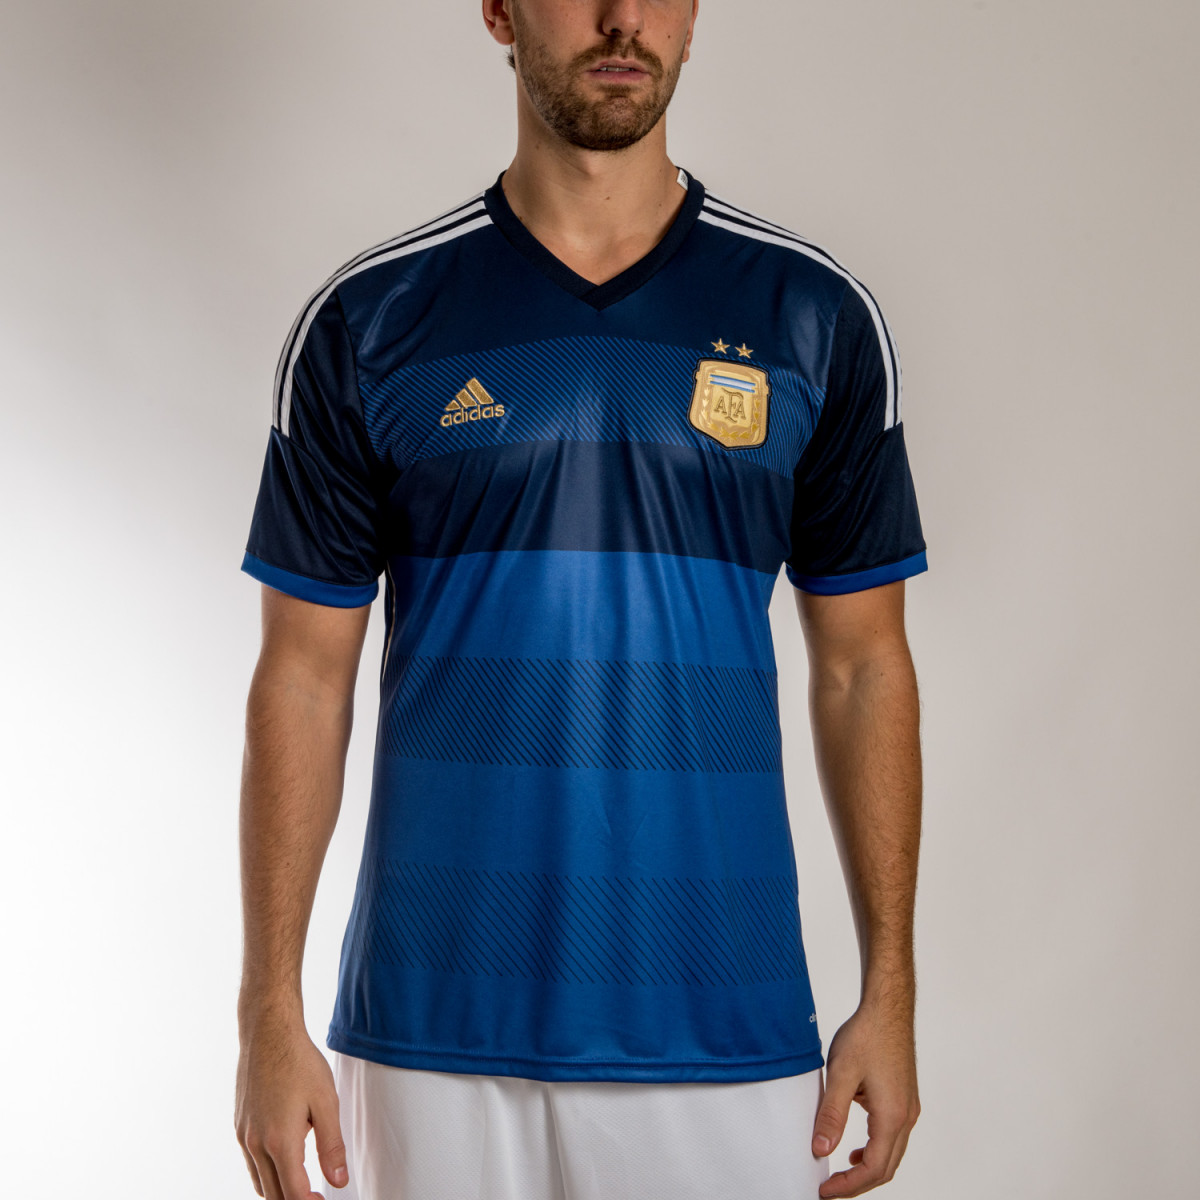 CAMISETA ADIDAS ARGENTINA SUPLENTE 2014